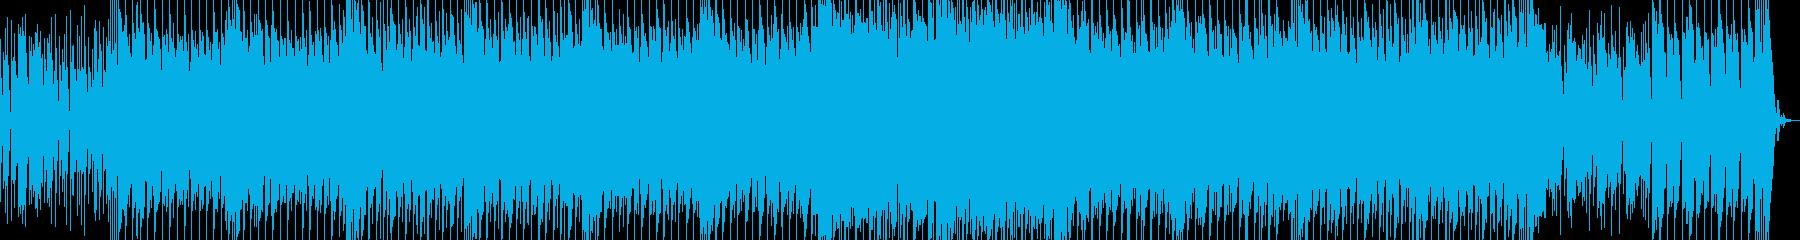 爽やかで疾走感があり耳に残るBGMの再生済みの波形